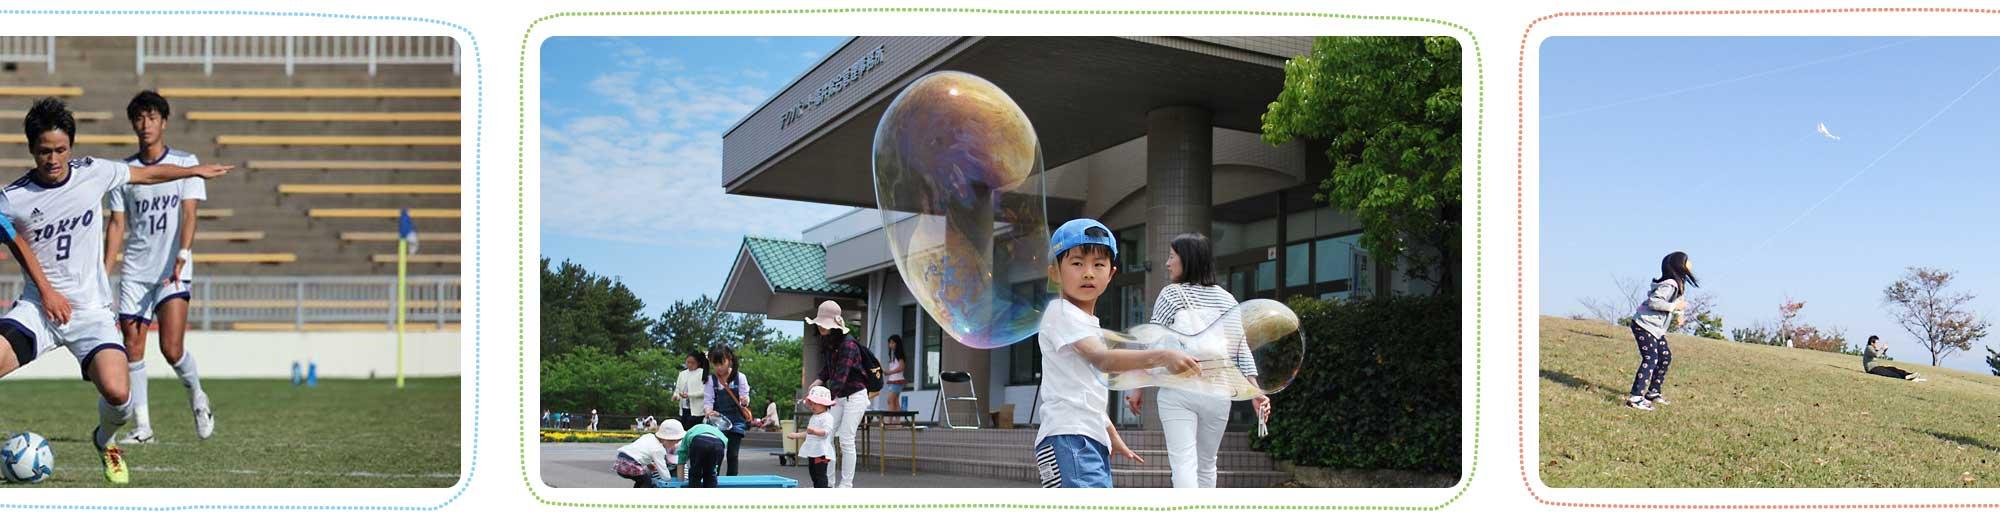 テクノポート福井総合公園で開催されたイベント